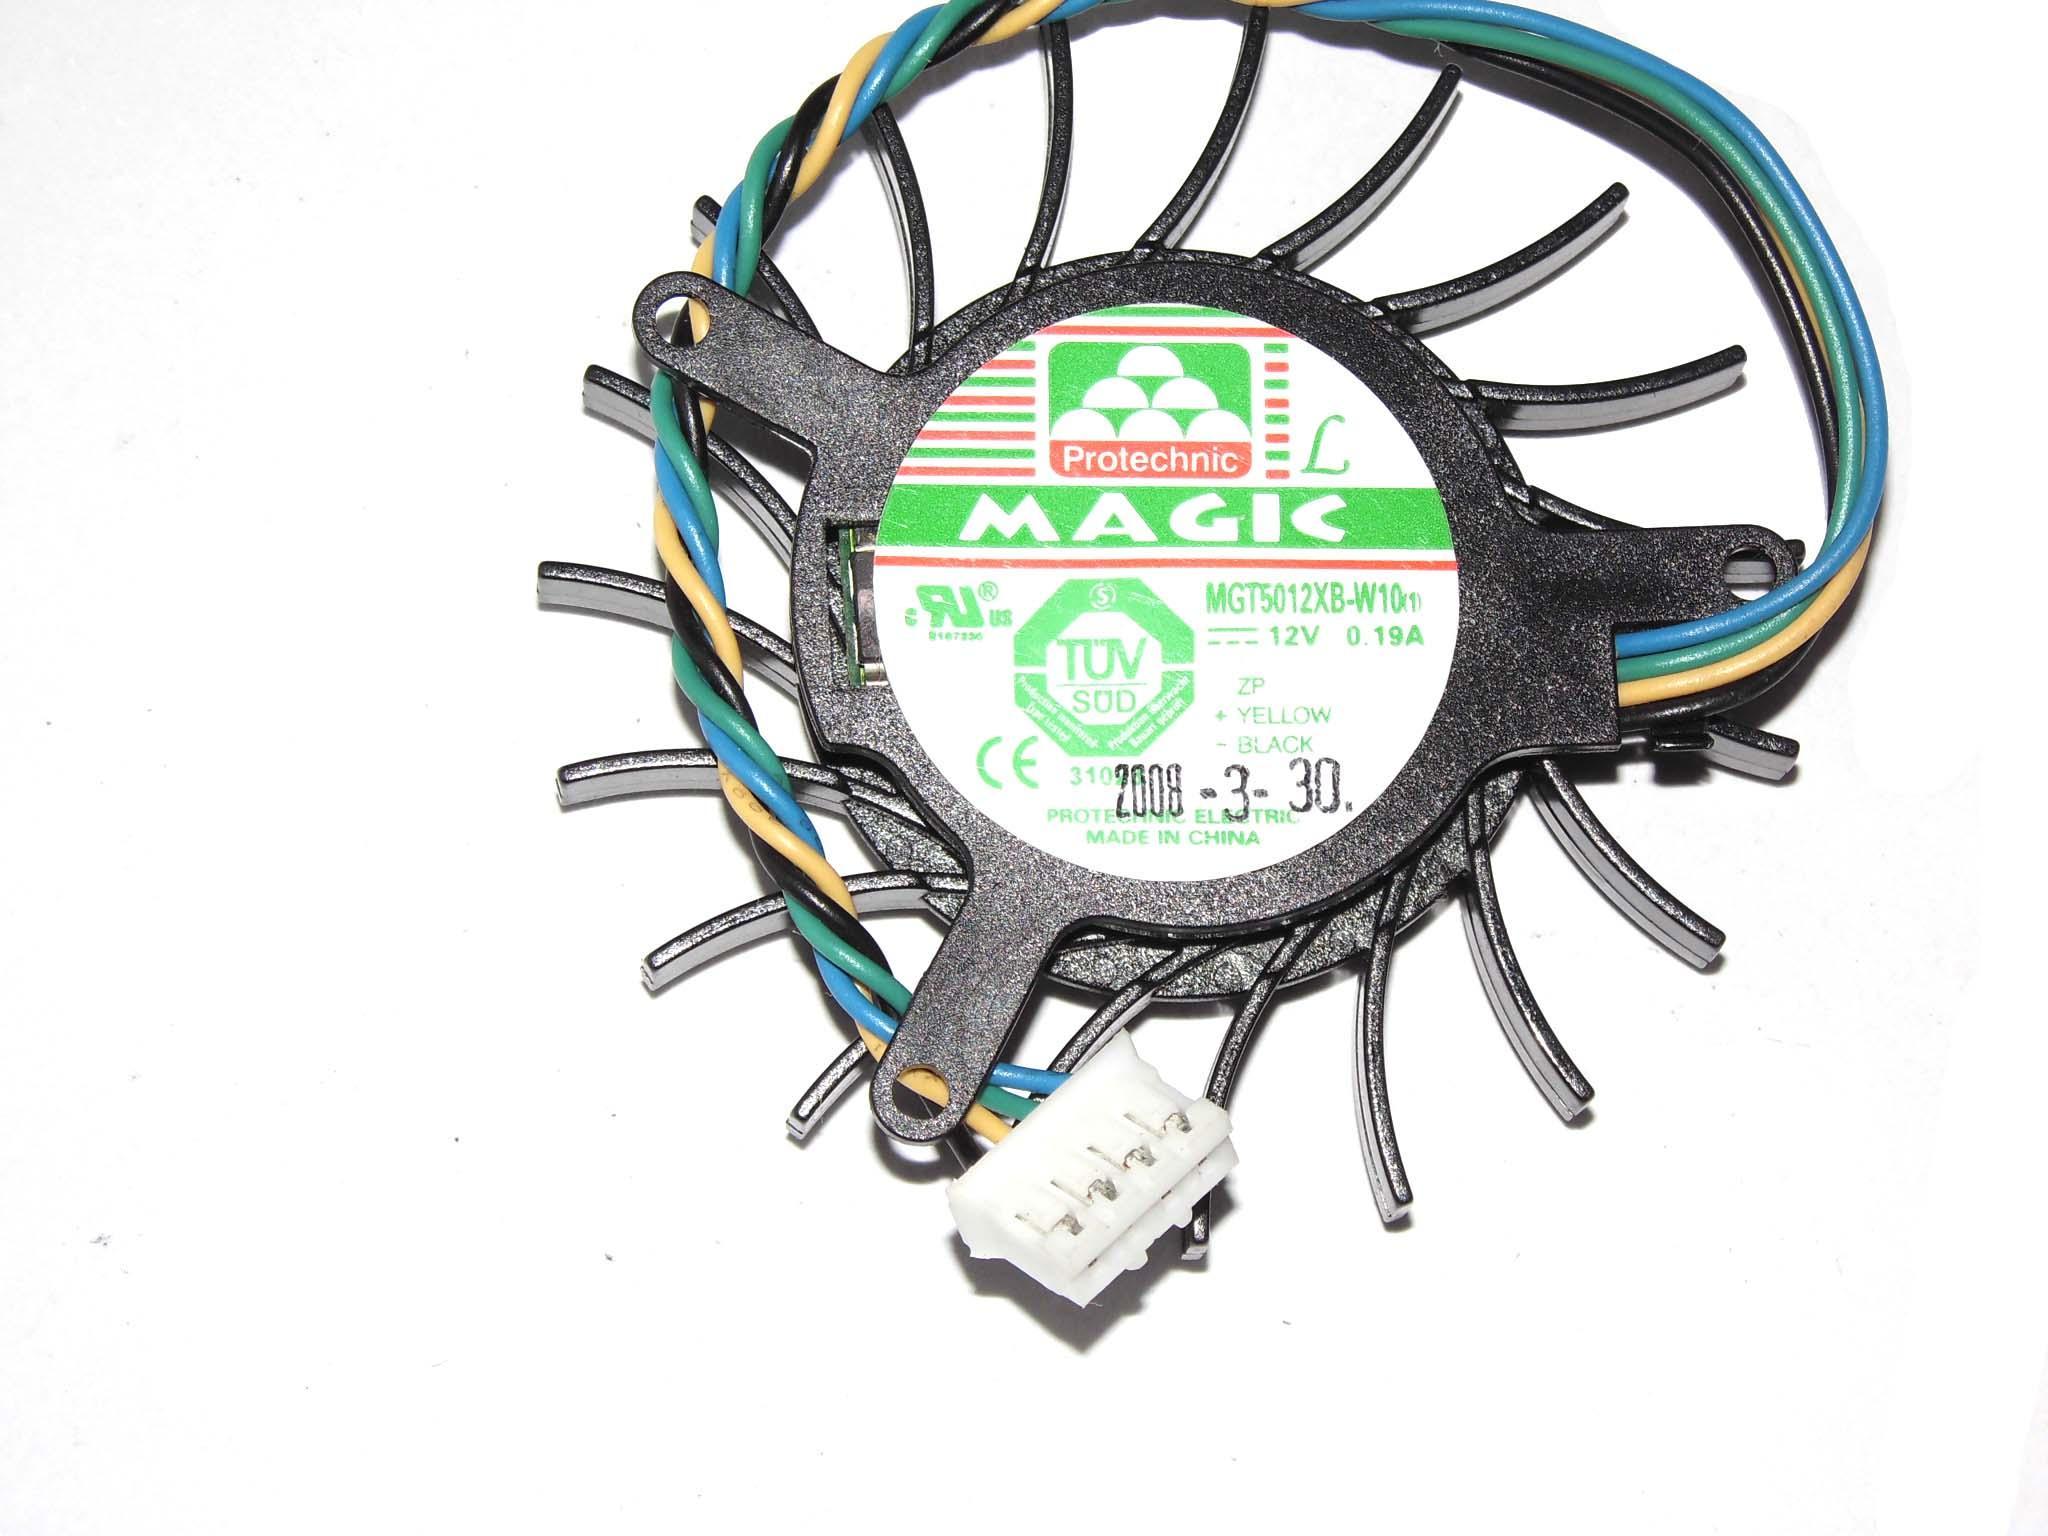 매직 MGT5012XB-W10 비디오 카드를 들어 12V 0.19A로 19 블레이드를 4 와이어를 냉각 팬